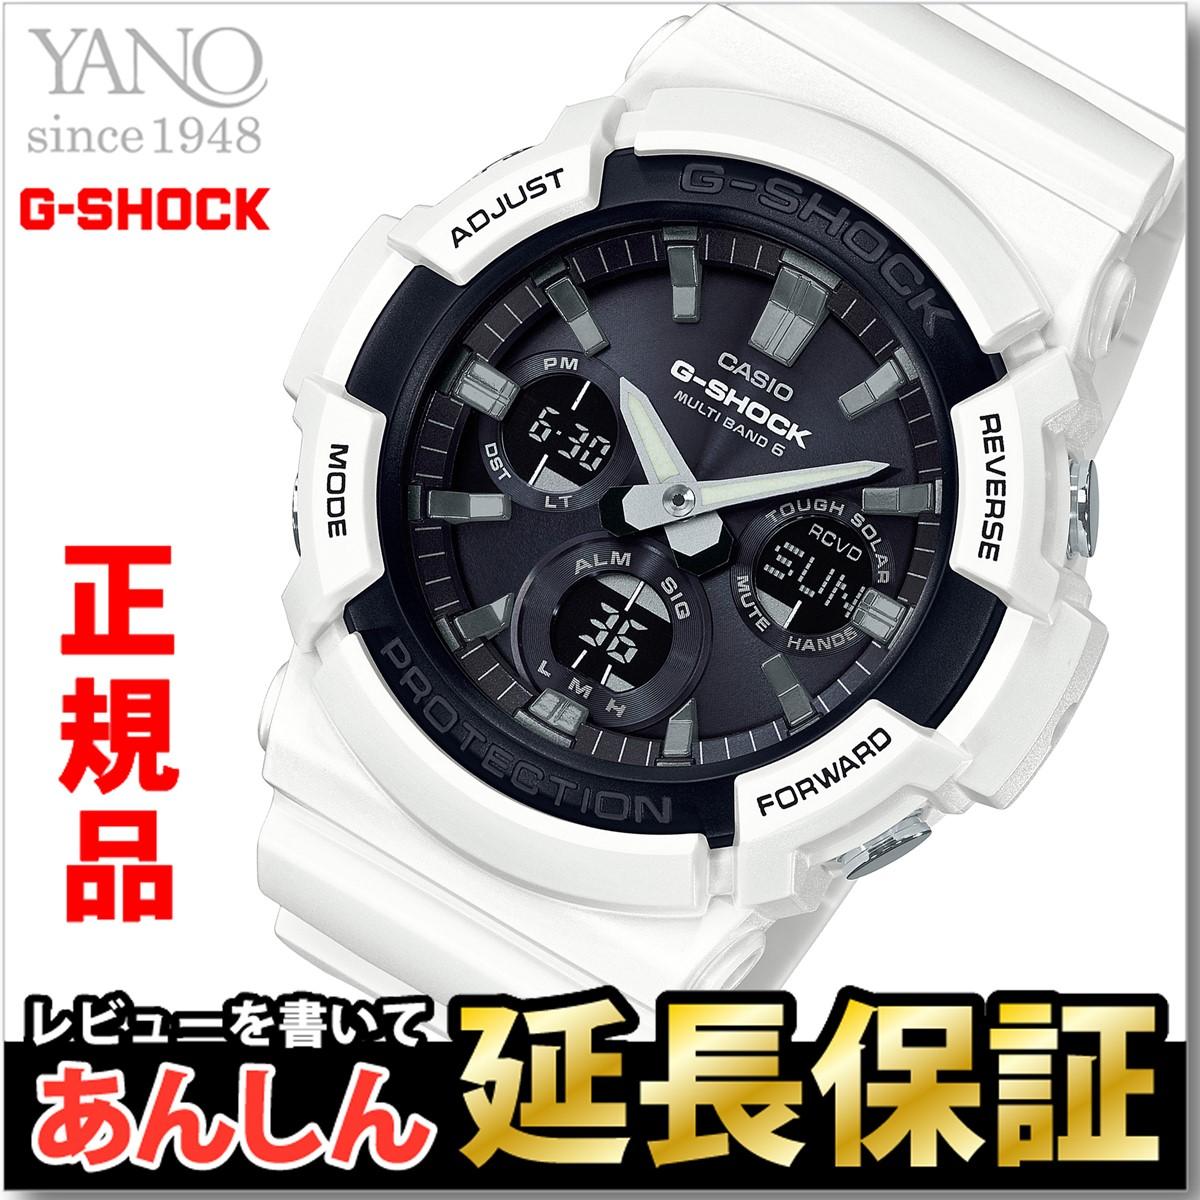 カシオ Gショック GAW-100B-7AJF 電波 ソーラー 電波時計 腕時計 メンズ CASIO G-SHOCK【正規品】【0118】【店頭受取対応商品】